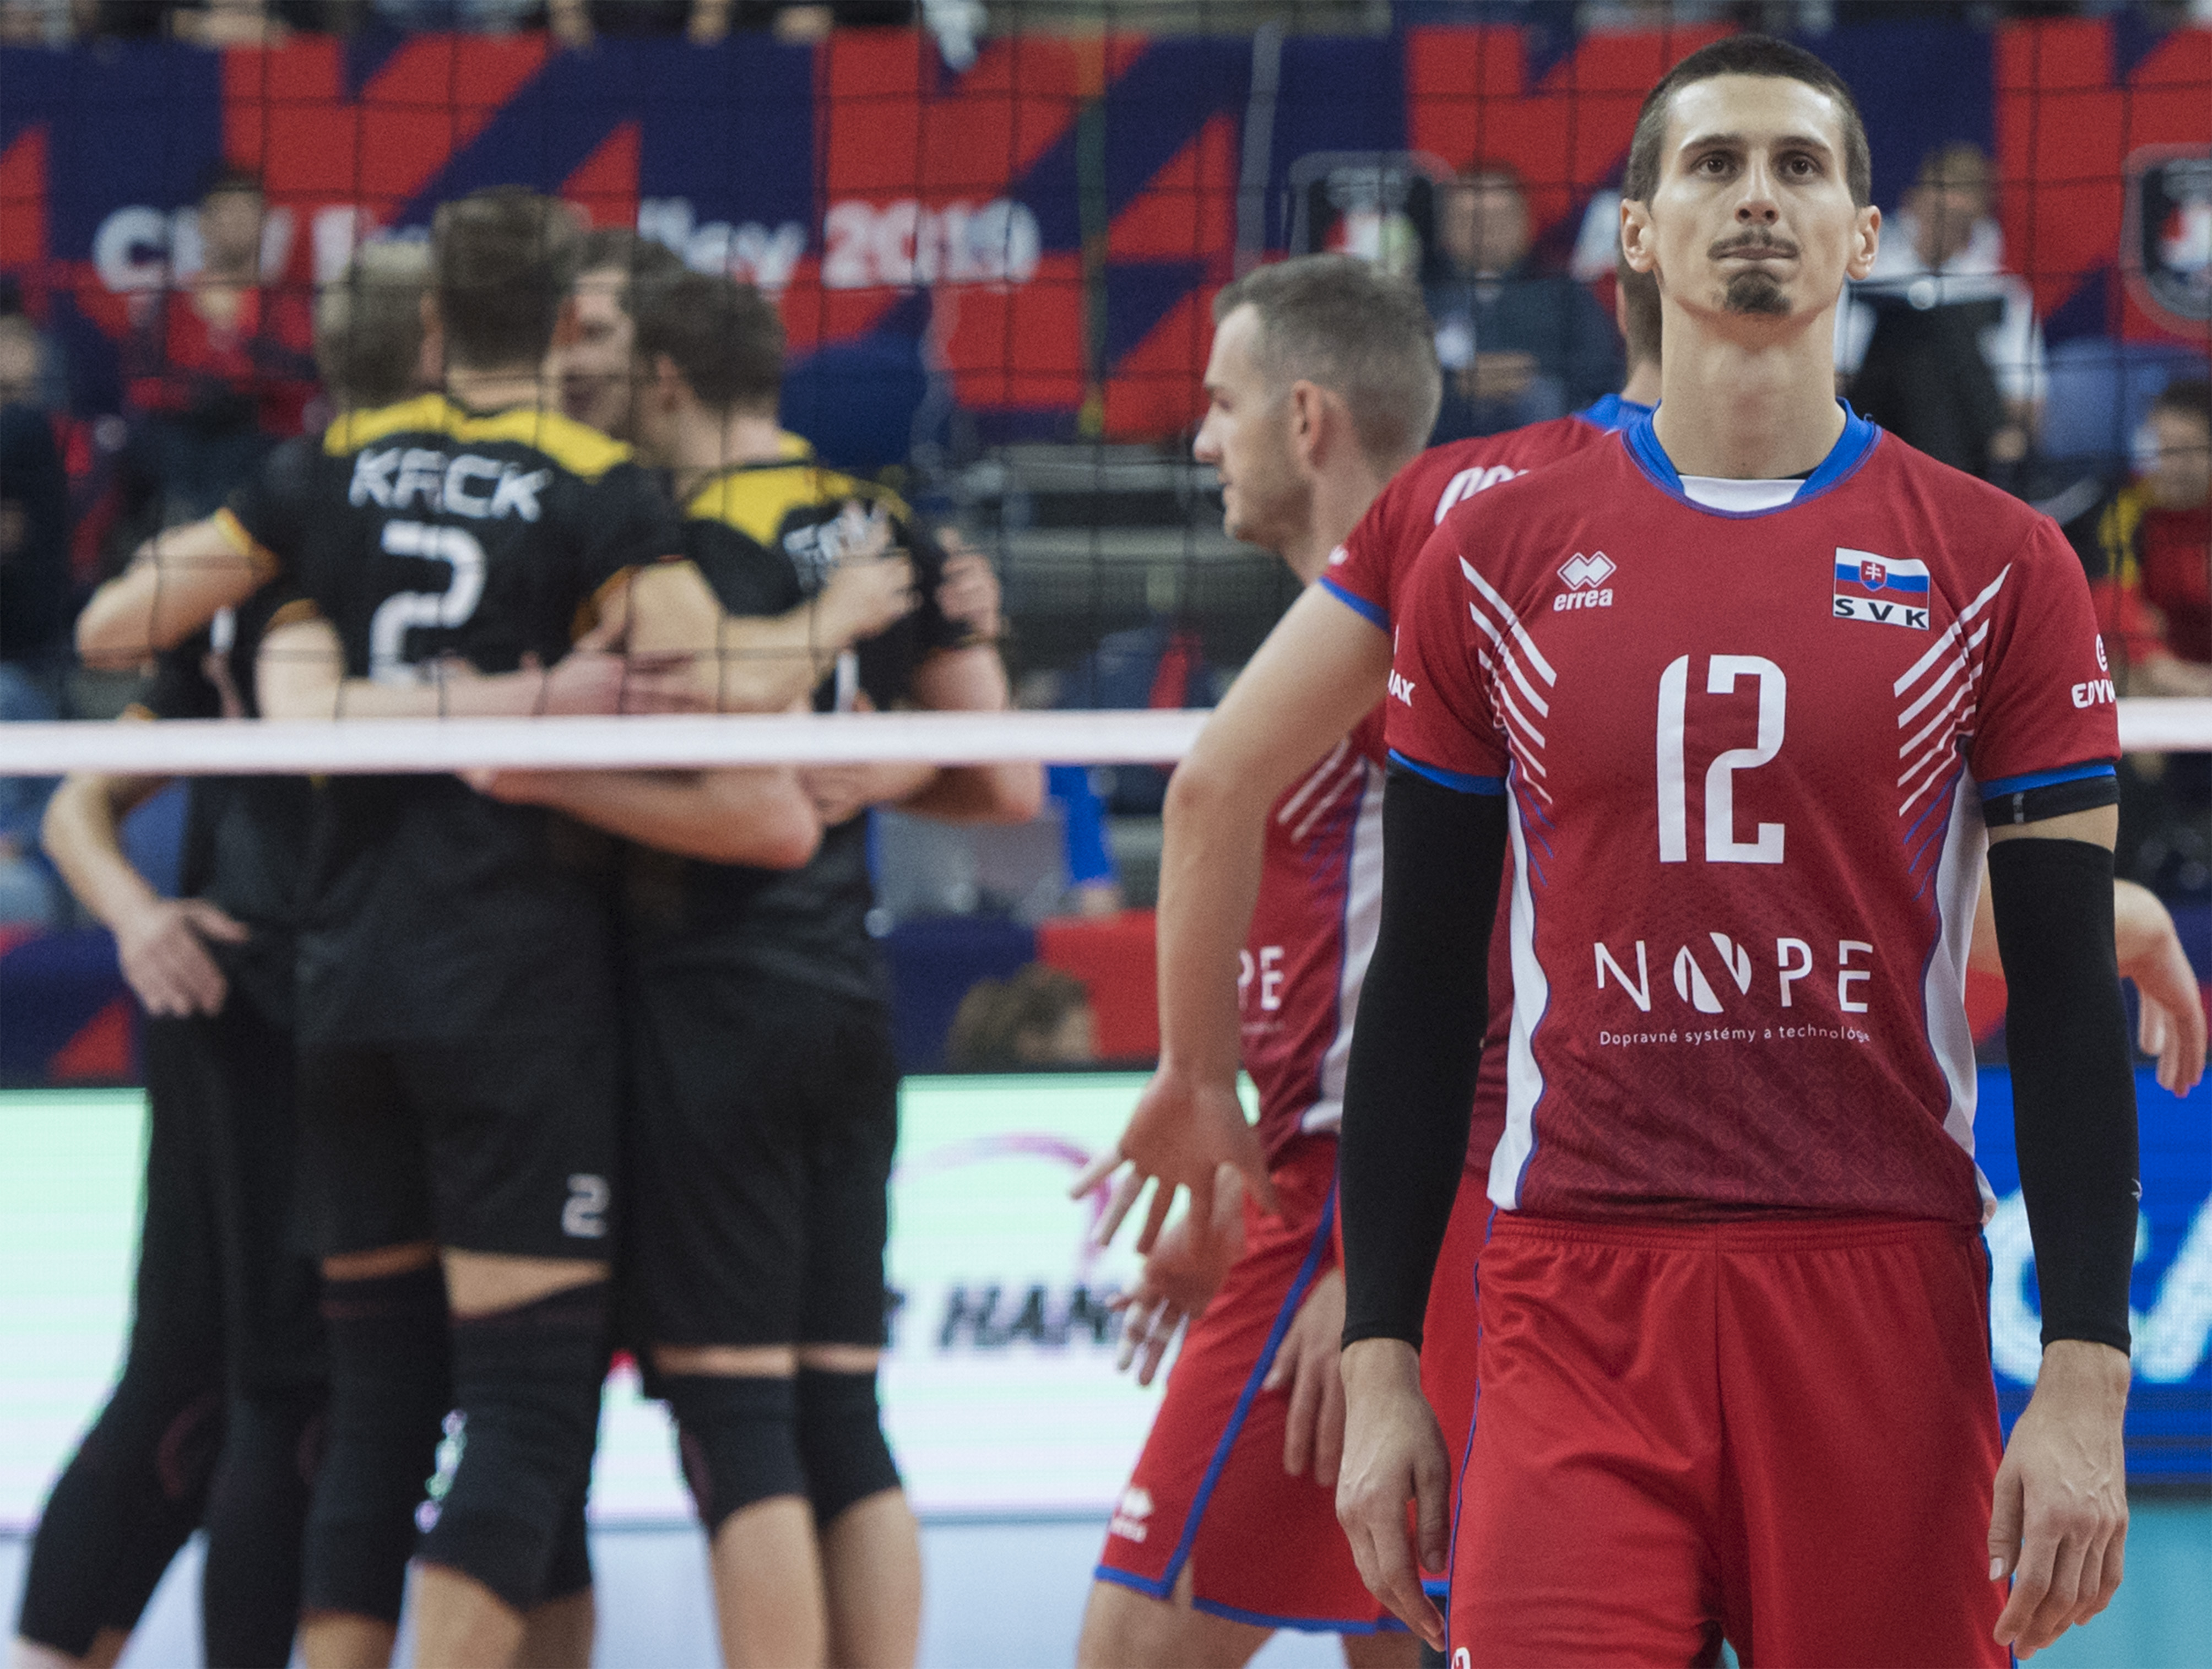 Slováci začali na ME dvomi víťazstvami, ale napokon to na postup smolne nestačilo. FOTO: TASR - Martin Baumann